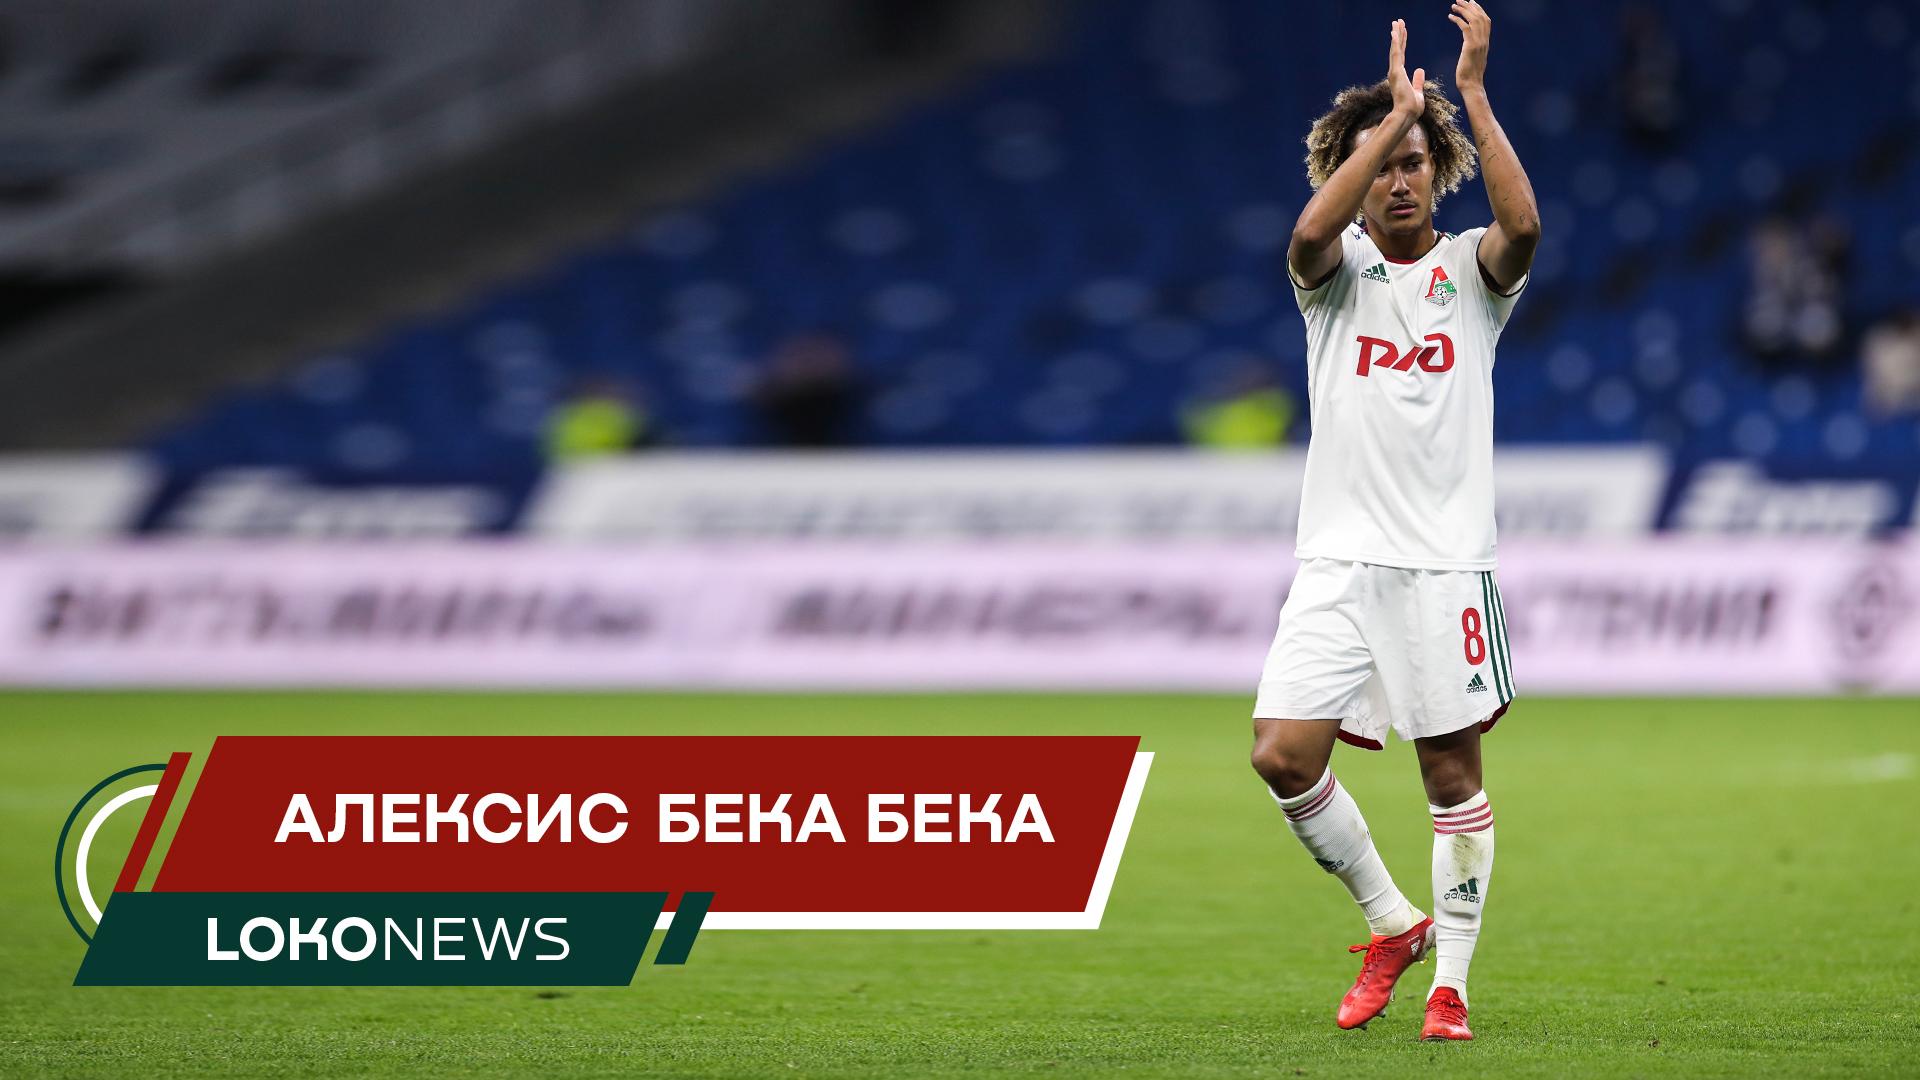 LOKO NEWS // Интервью Бека Бека после дебюта с «Динамо»